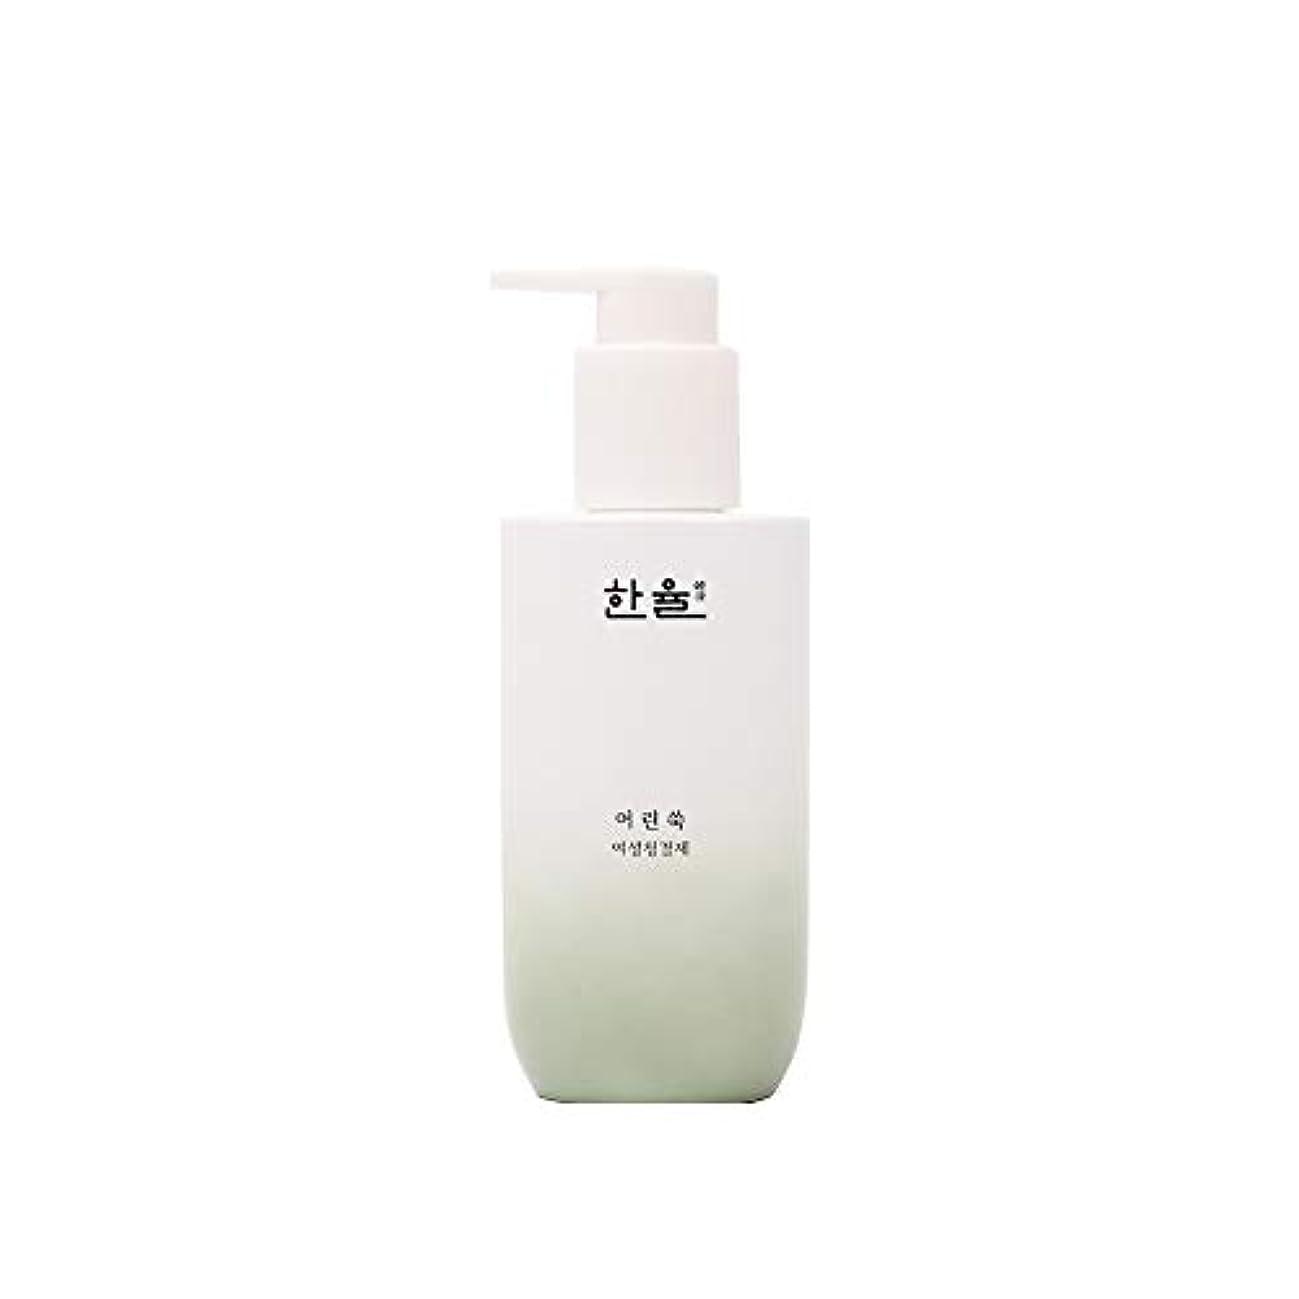 付属品彫刻倍率【HANYUL公式】 ハンユル フェミニンケアジェル 200ml / Hanyul Pure Artemisia Feminine care gel 200ml